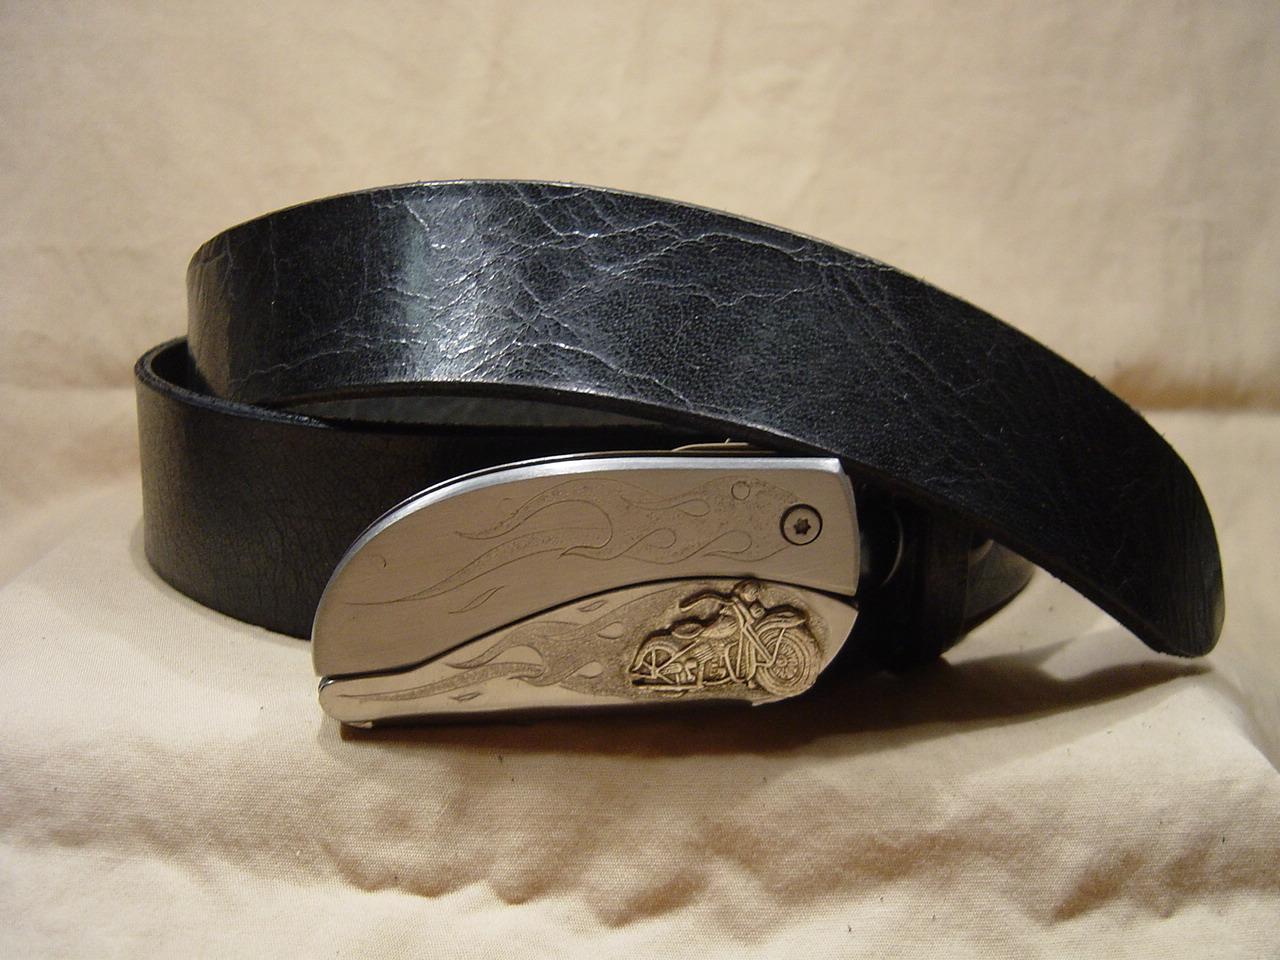 Antique black leather belt with belt buckle knife